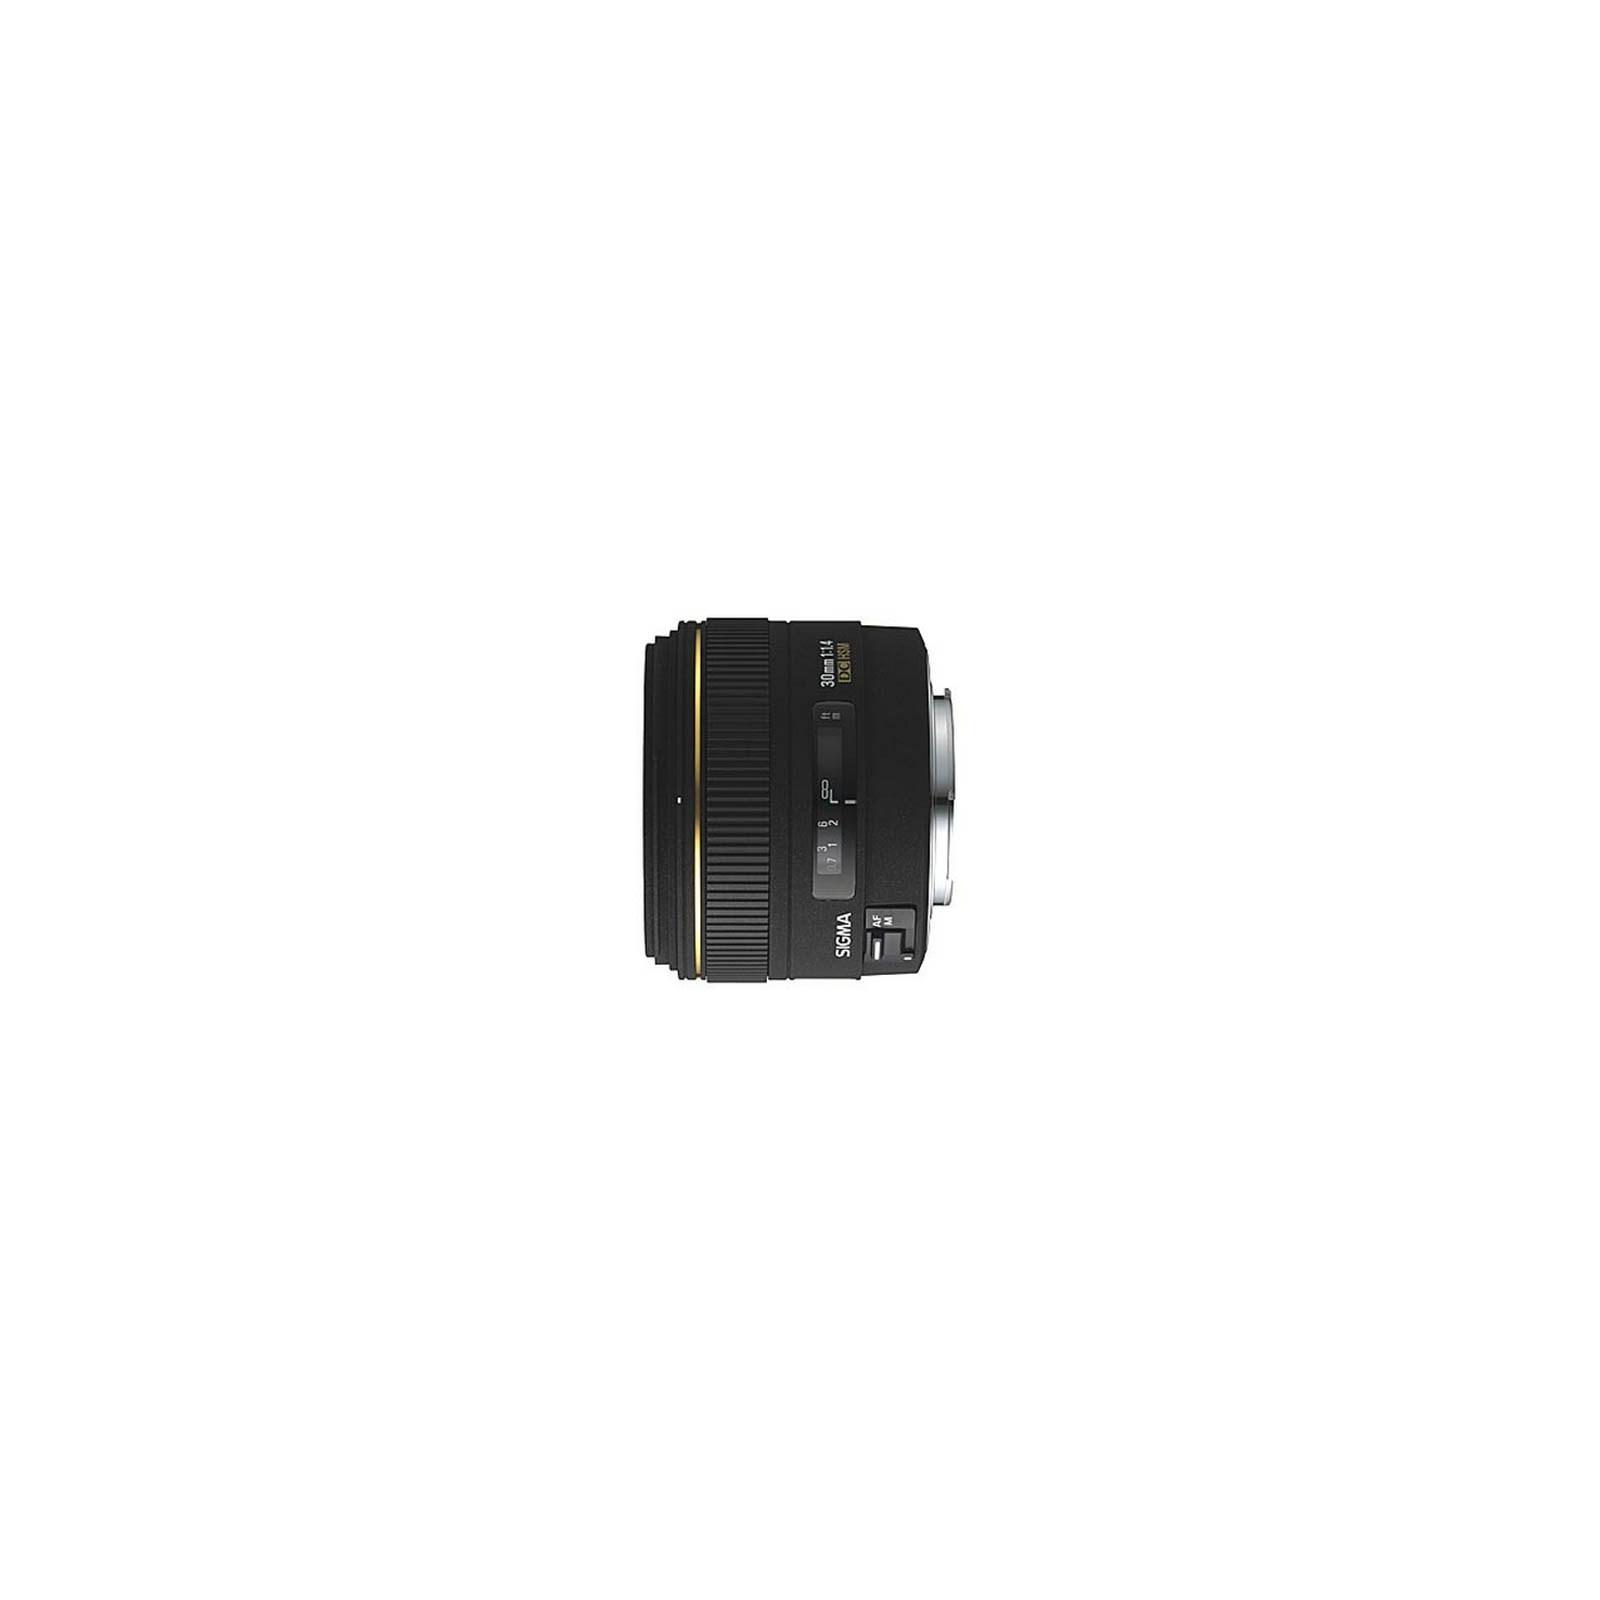 Объектив Sigma 30mm f/1.4 EX DC HSM for Nikon (300955)